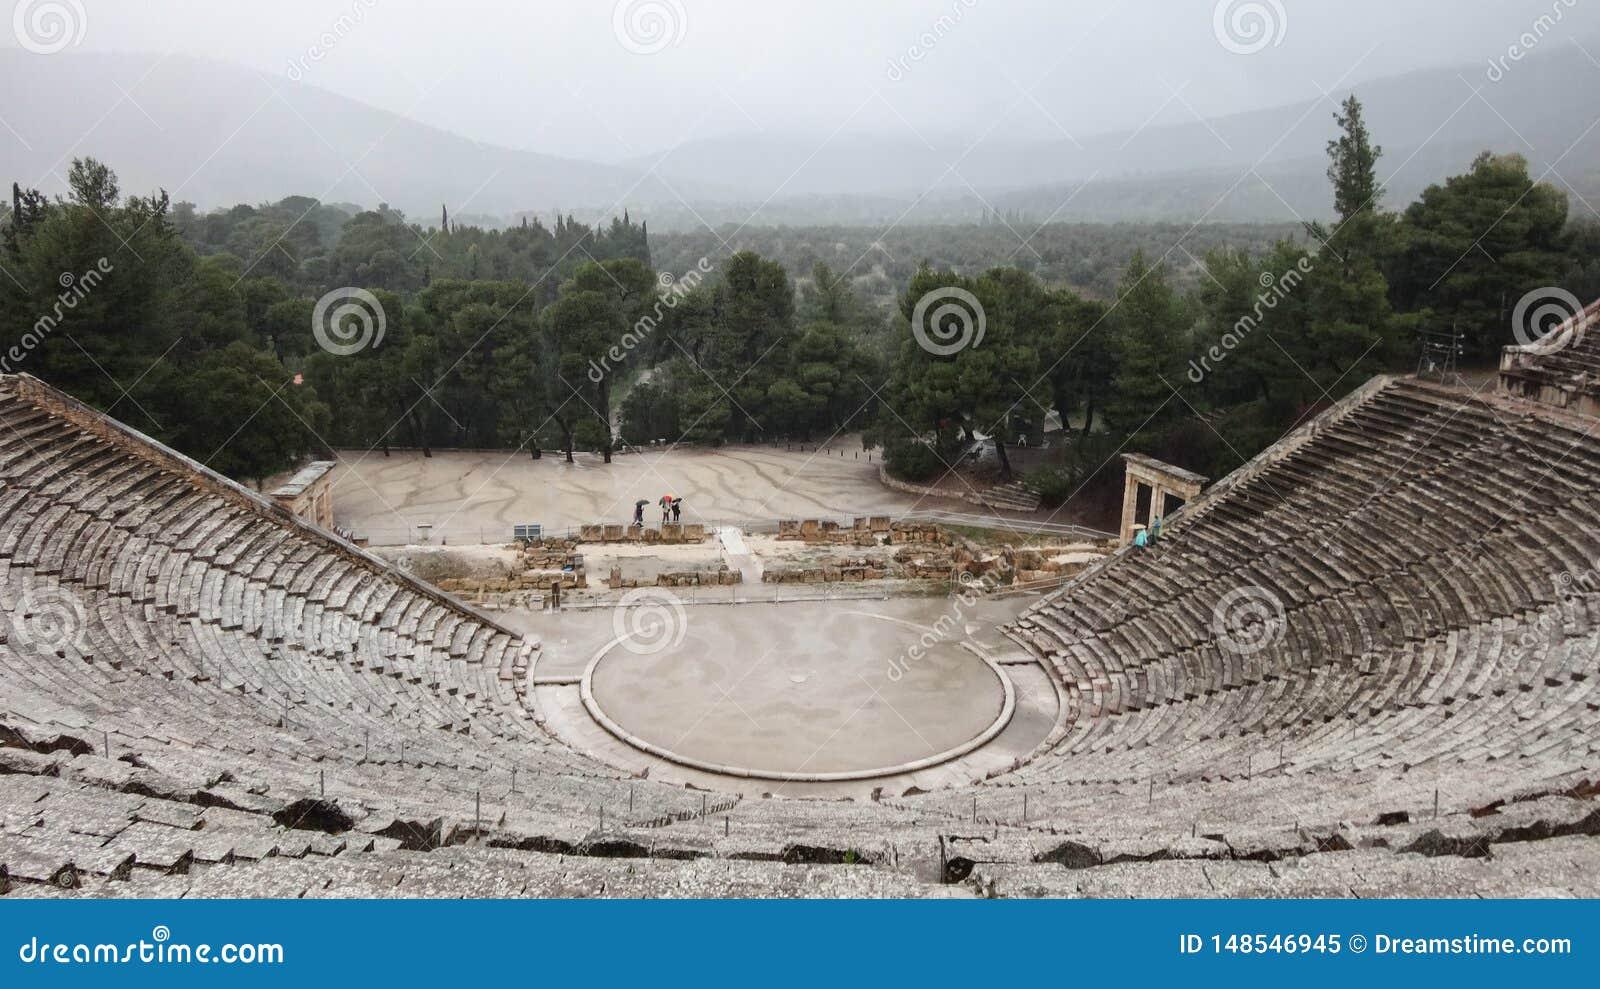 Ancient Epidauros theatre.